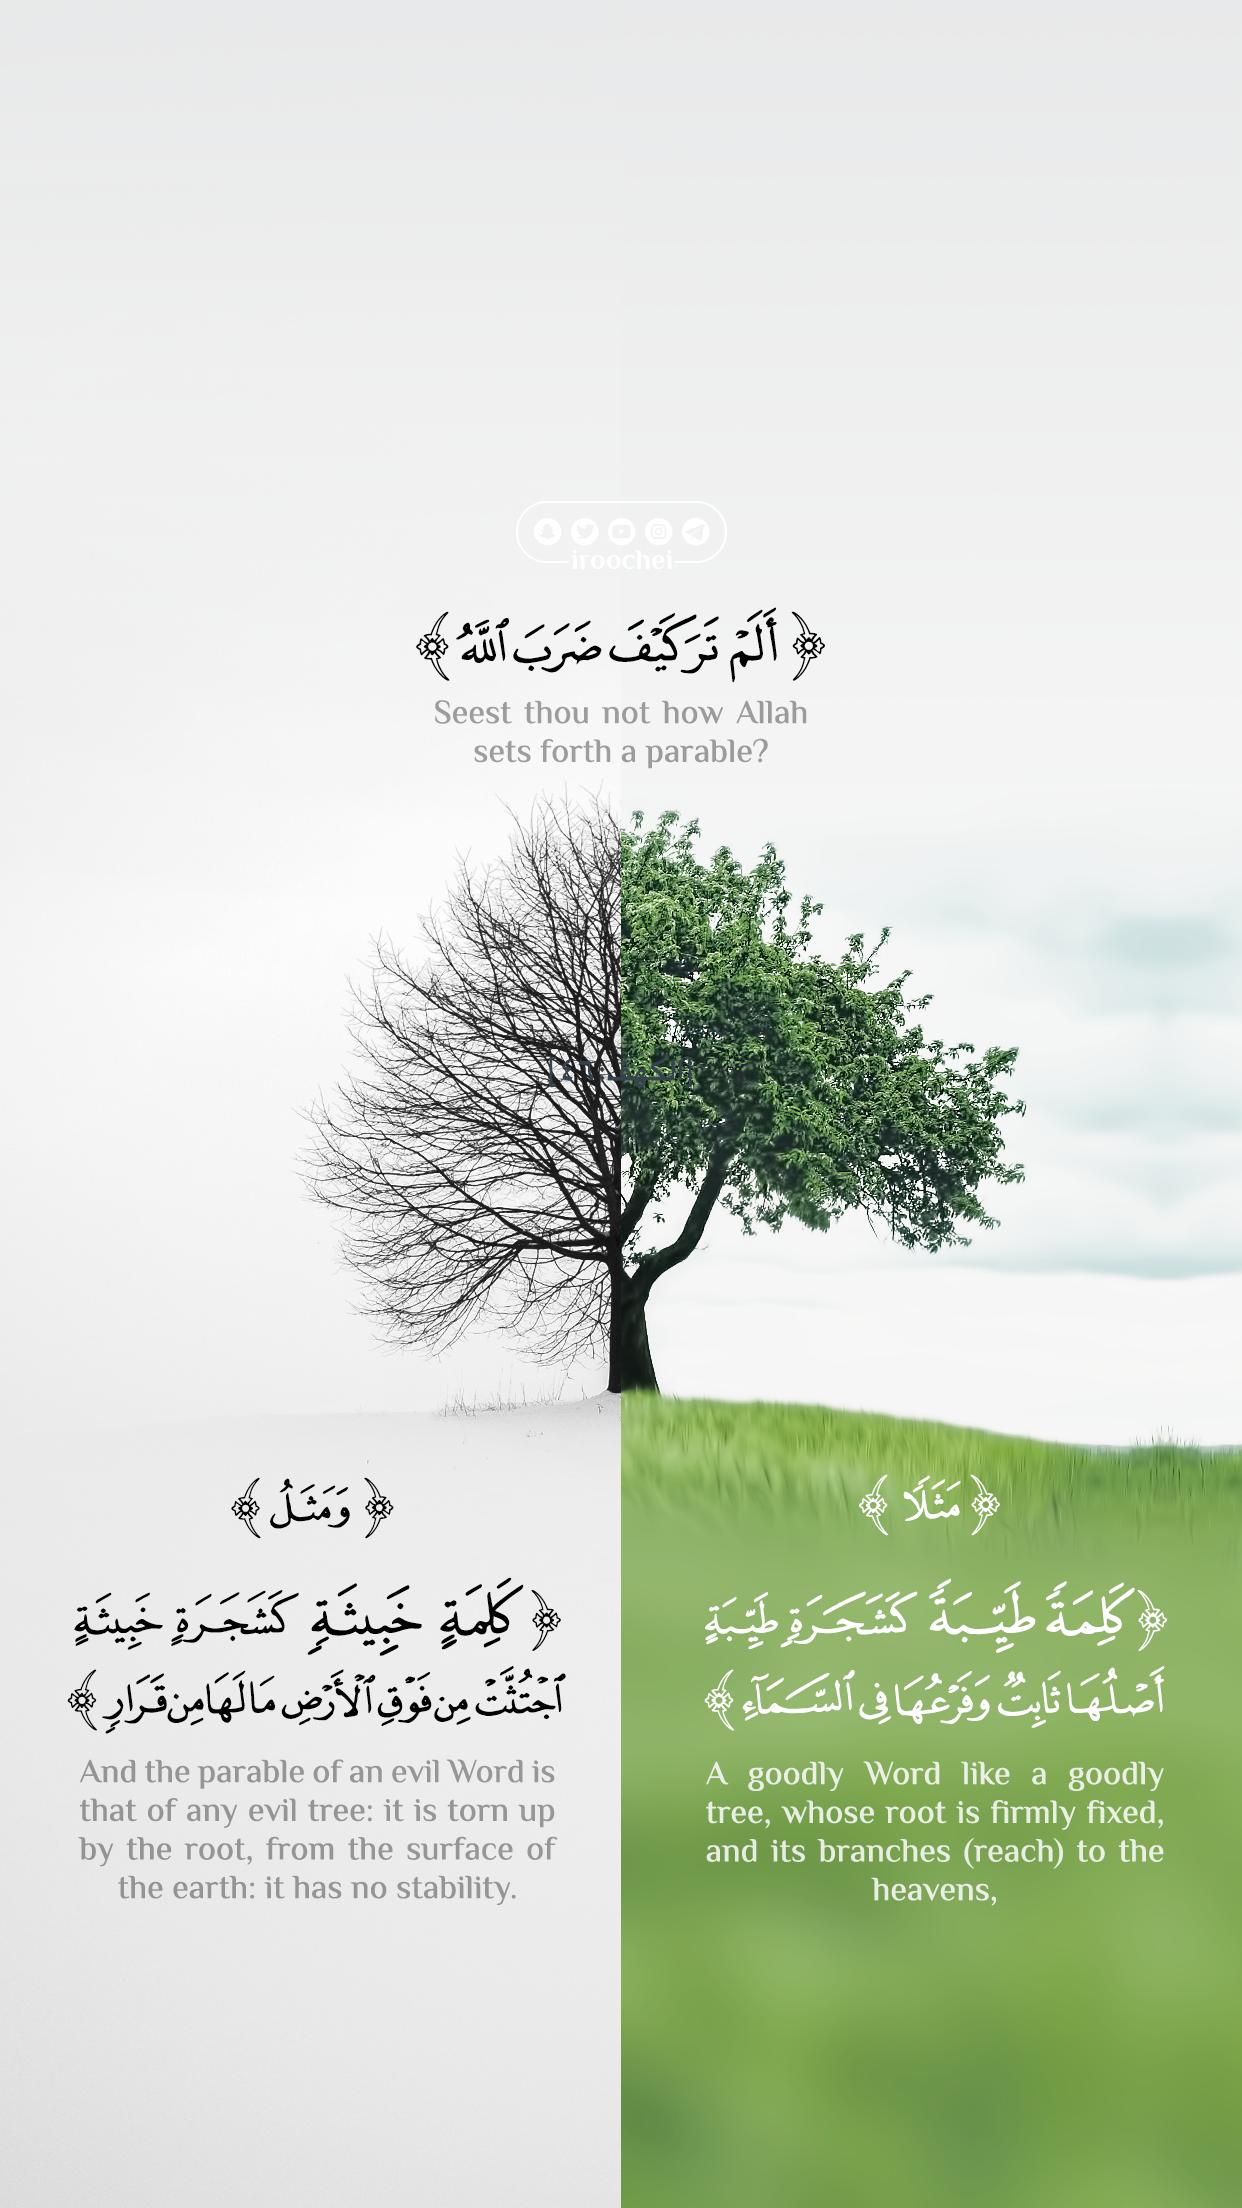 مثل كلمة طيبة Beautiful Quran Quotes Quran Quotes Quran Quotes Love